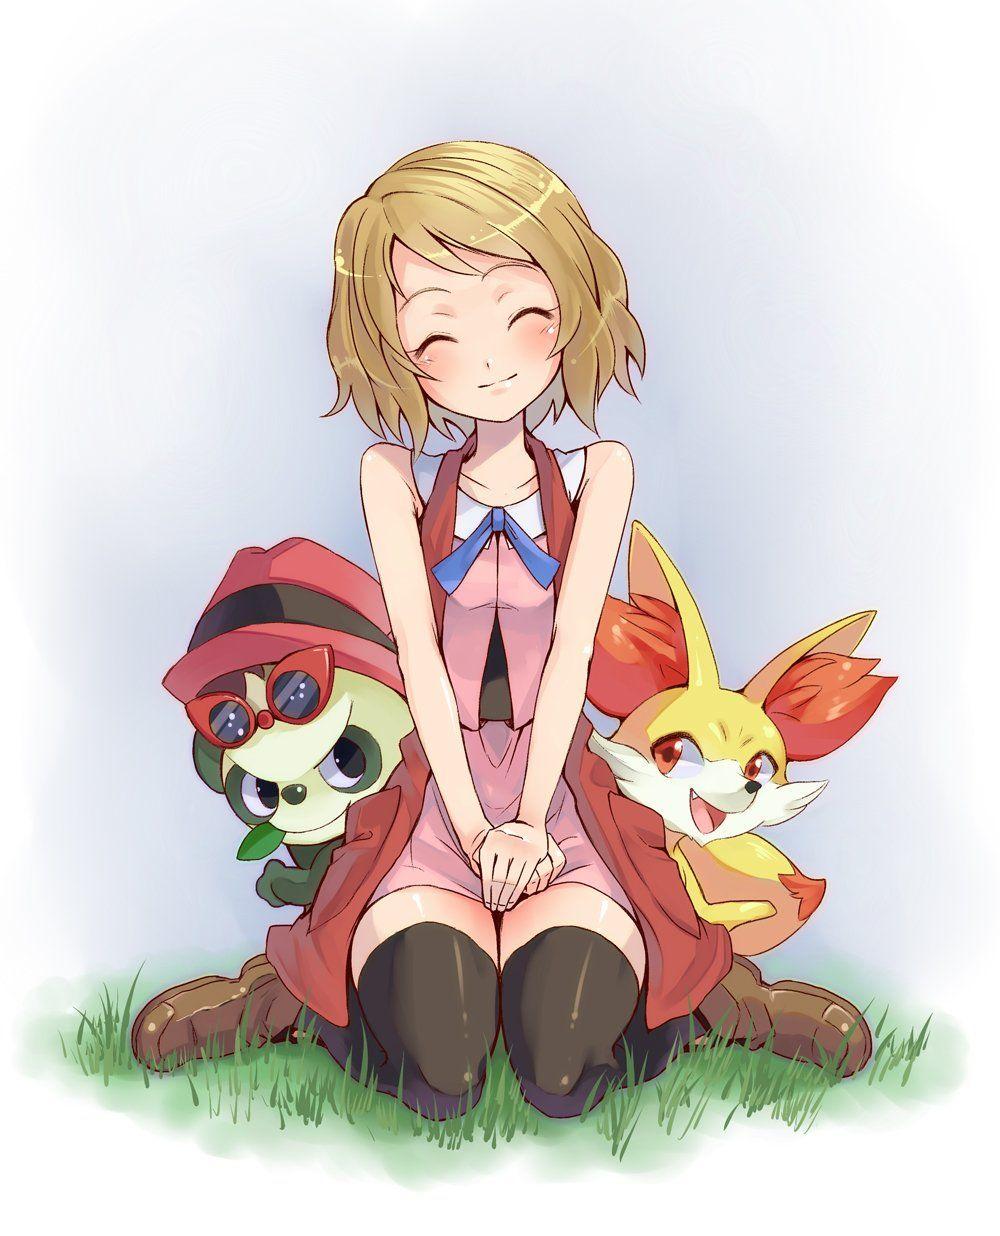 fanfic lesbian pokemon